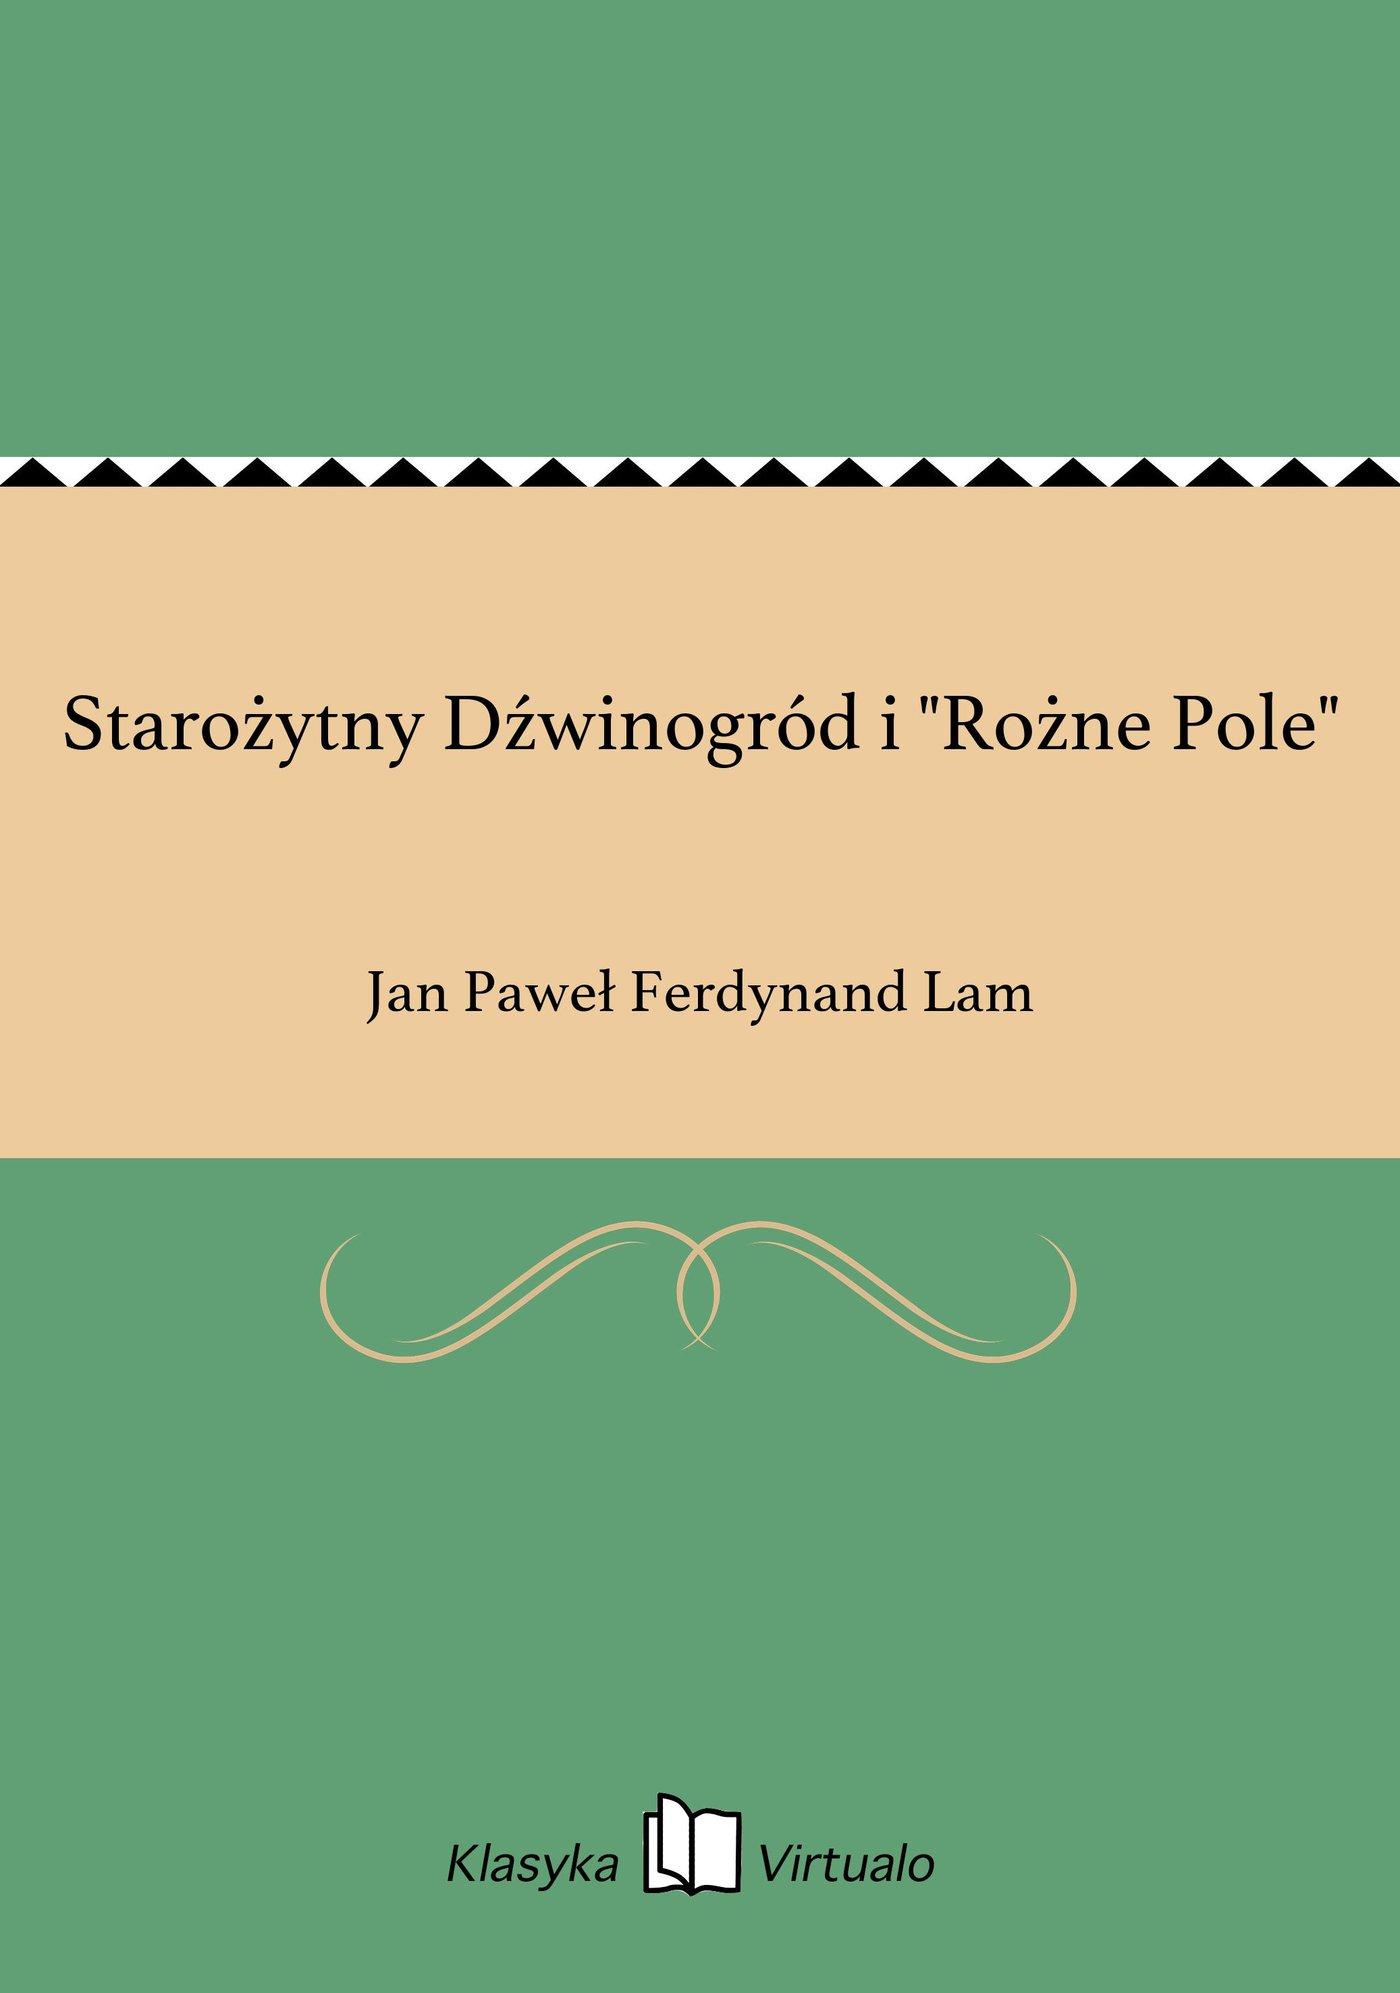 """Starożytny Dźwinogród i """"Rożne Pole"""" - Ebook (Książka EPUB) do pobrania w formacie EPUB"""